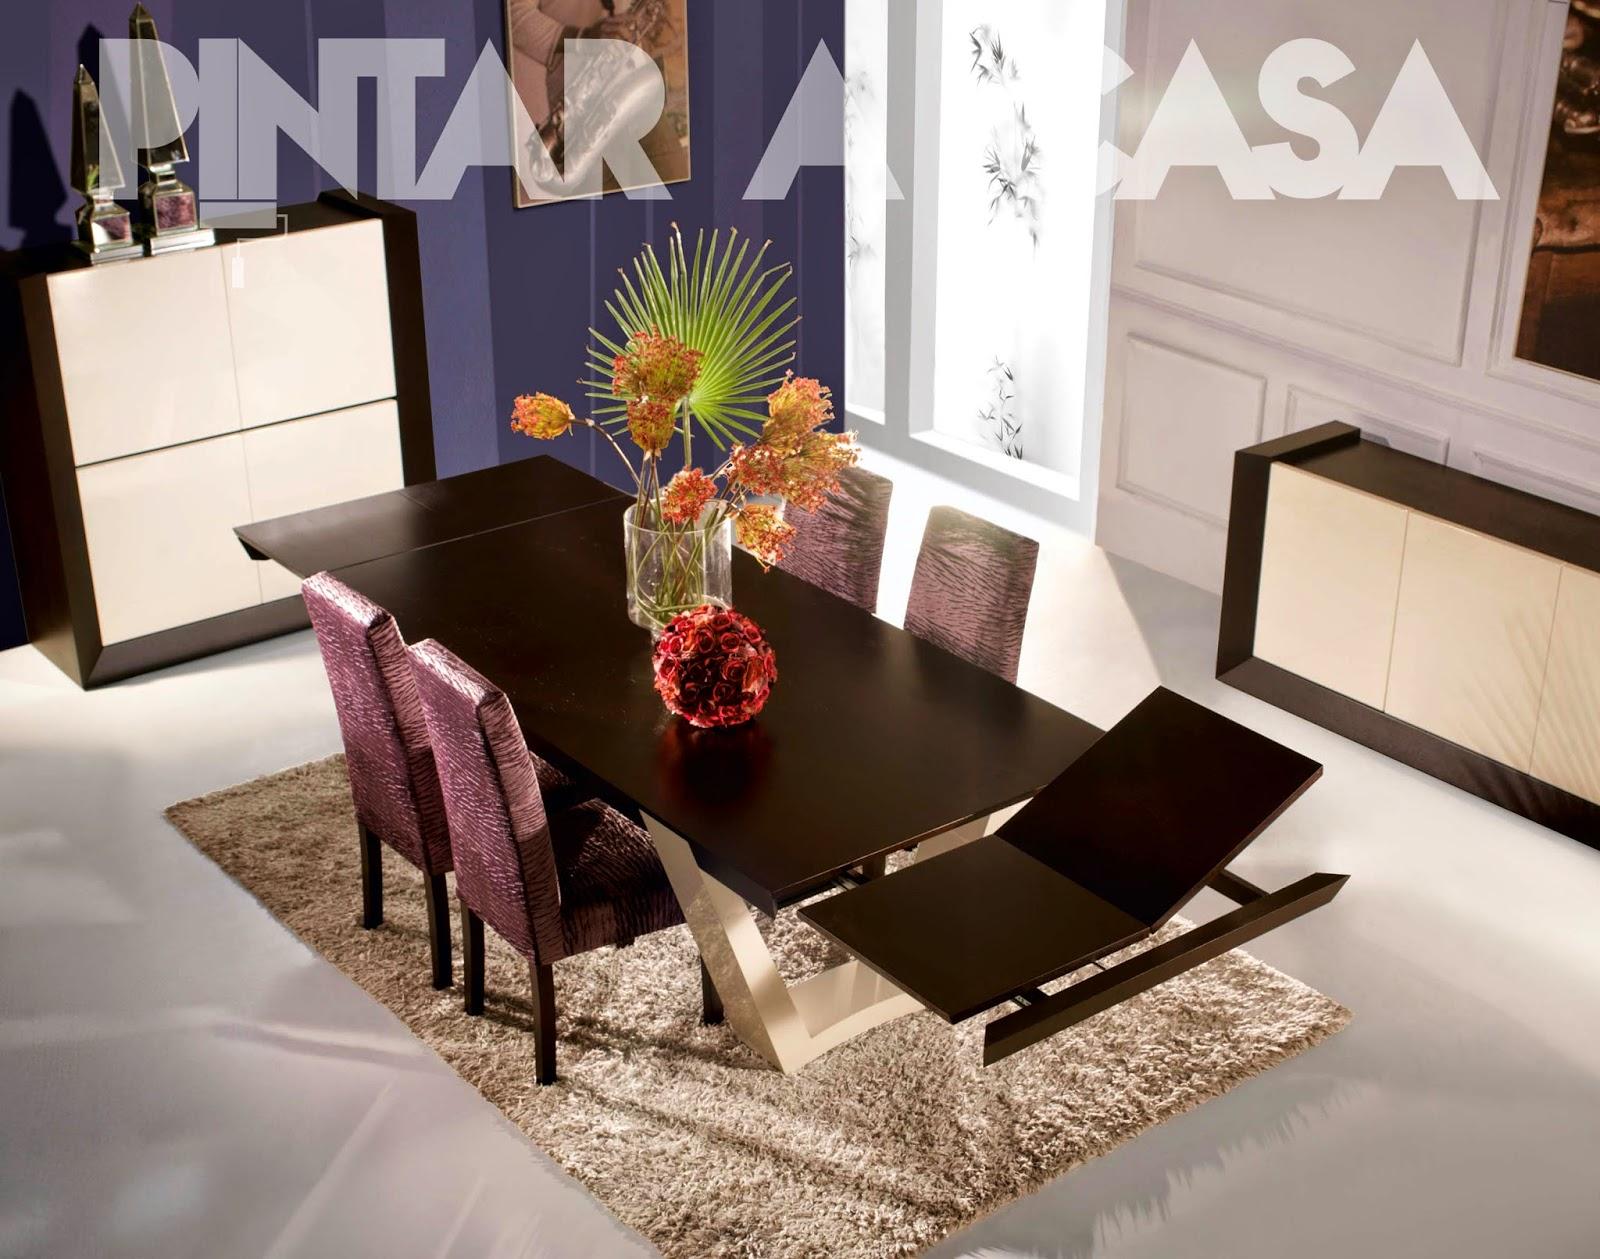 decoração-sala-pintar-a-casa-cadeiras-móveis2